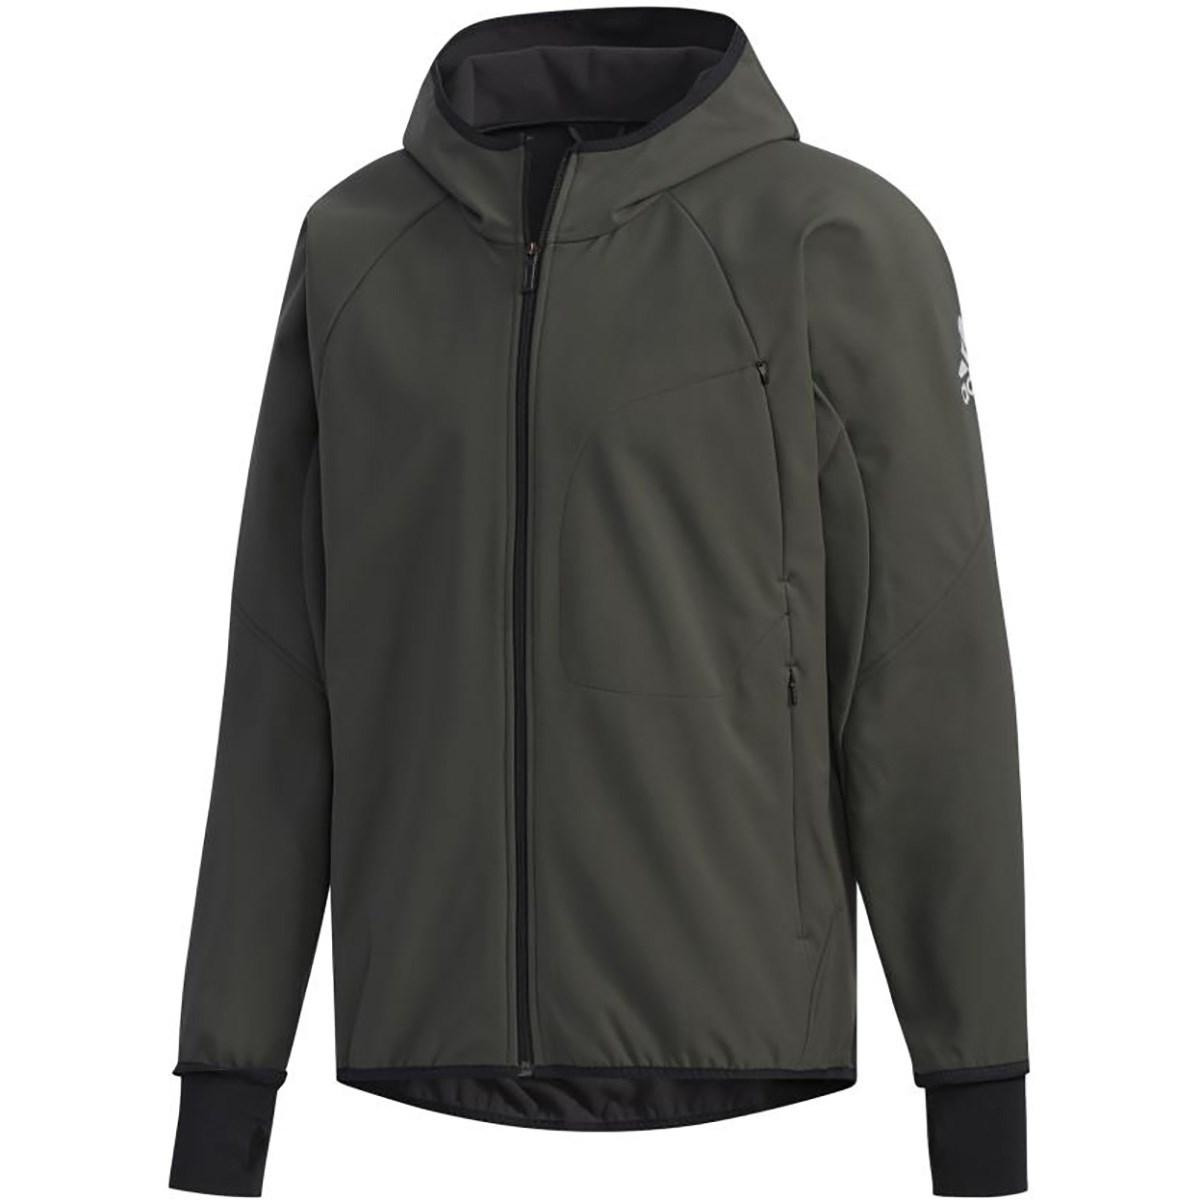 アディダス(adidas) M4T 撥水ウルトラウォームジャケット